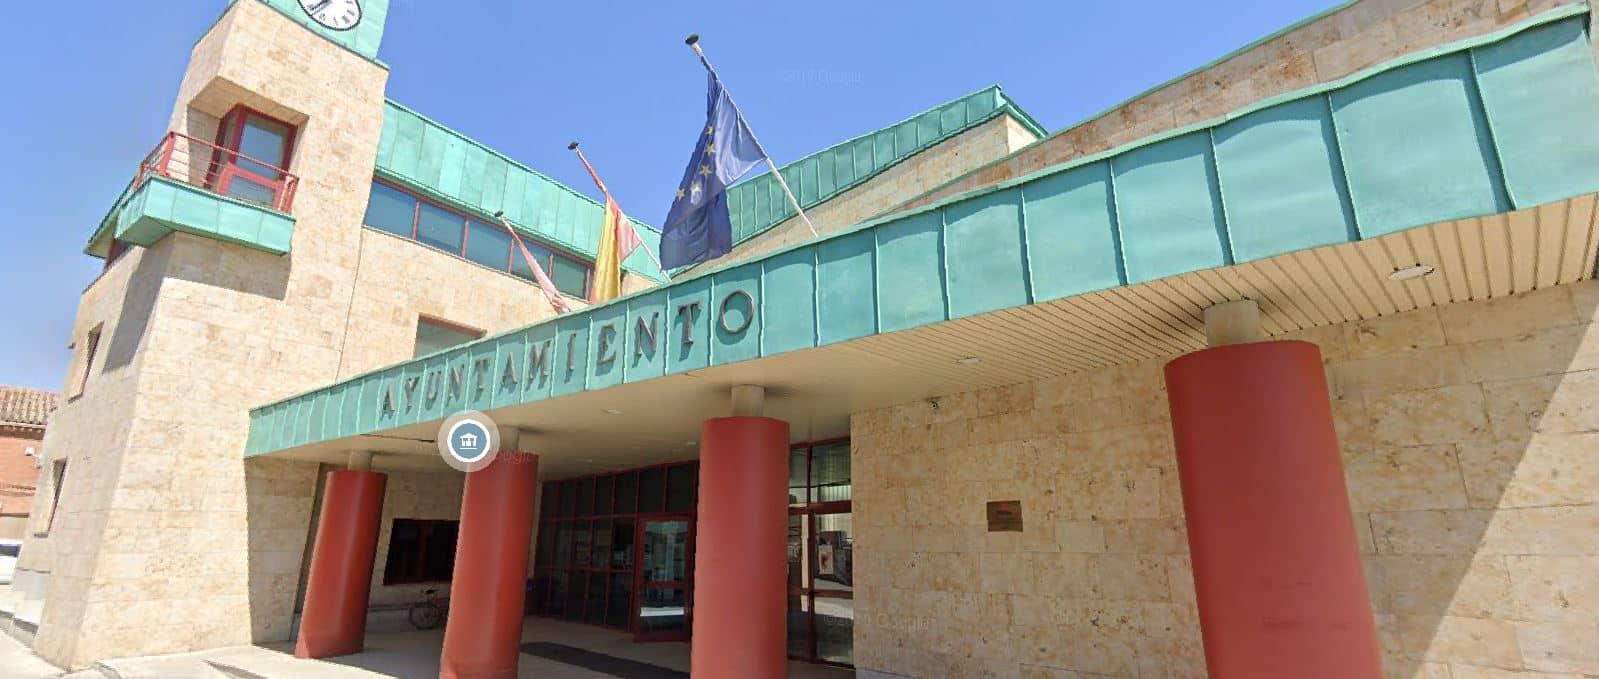 Registro civil - Ayuntamiento Camarma de Esteruelas